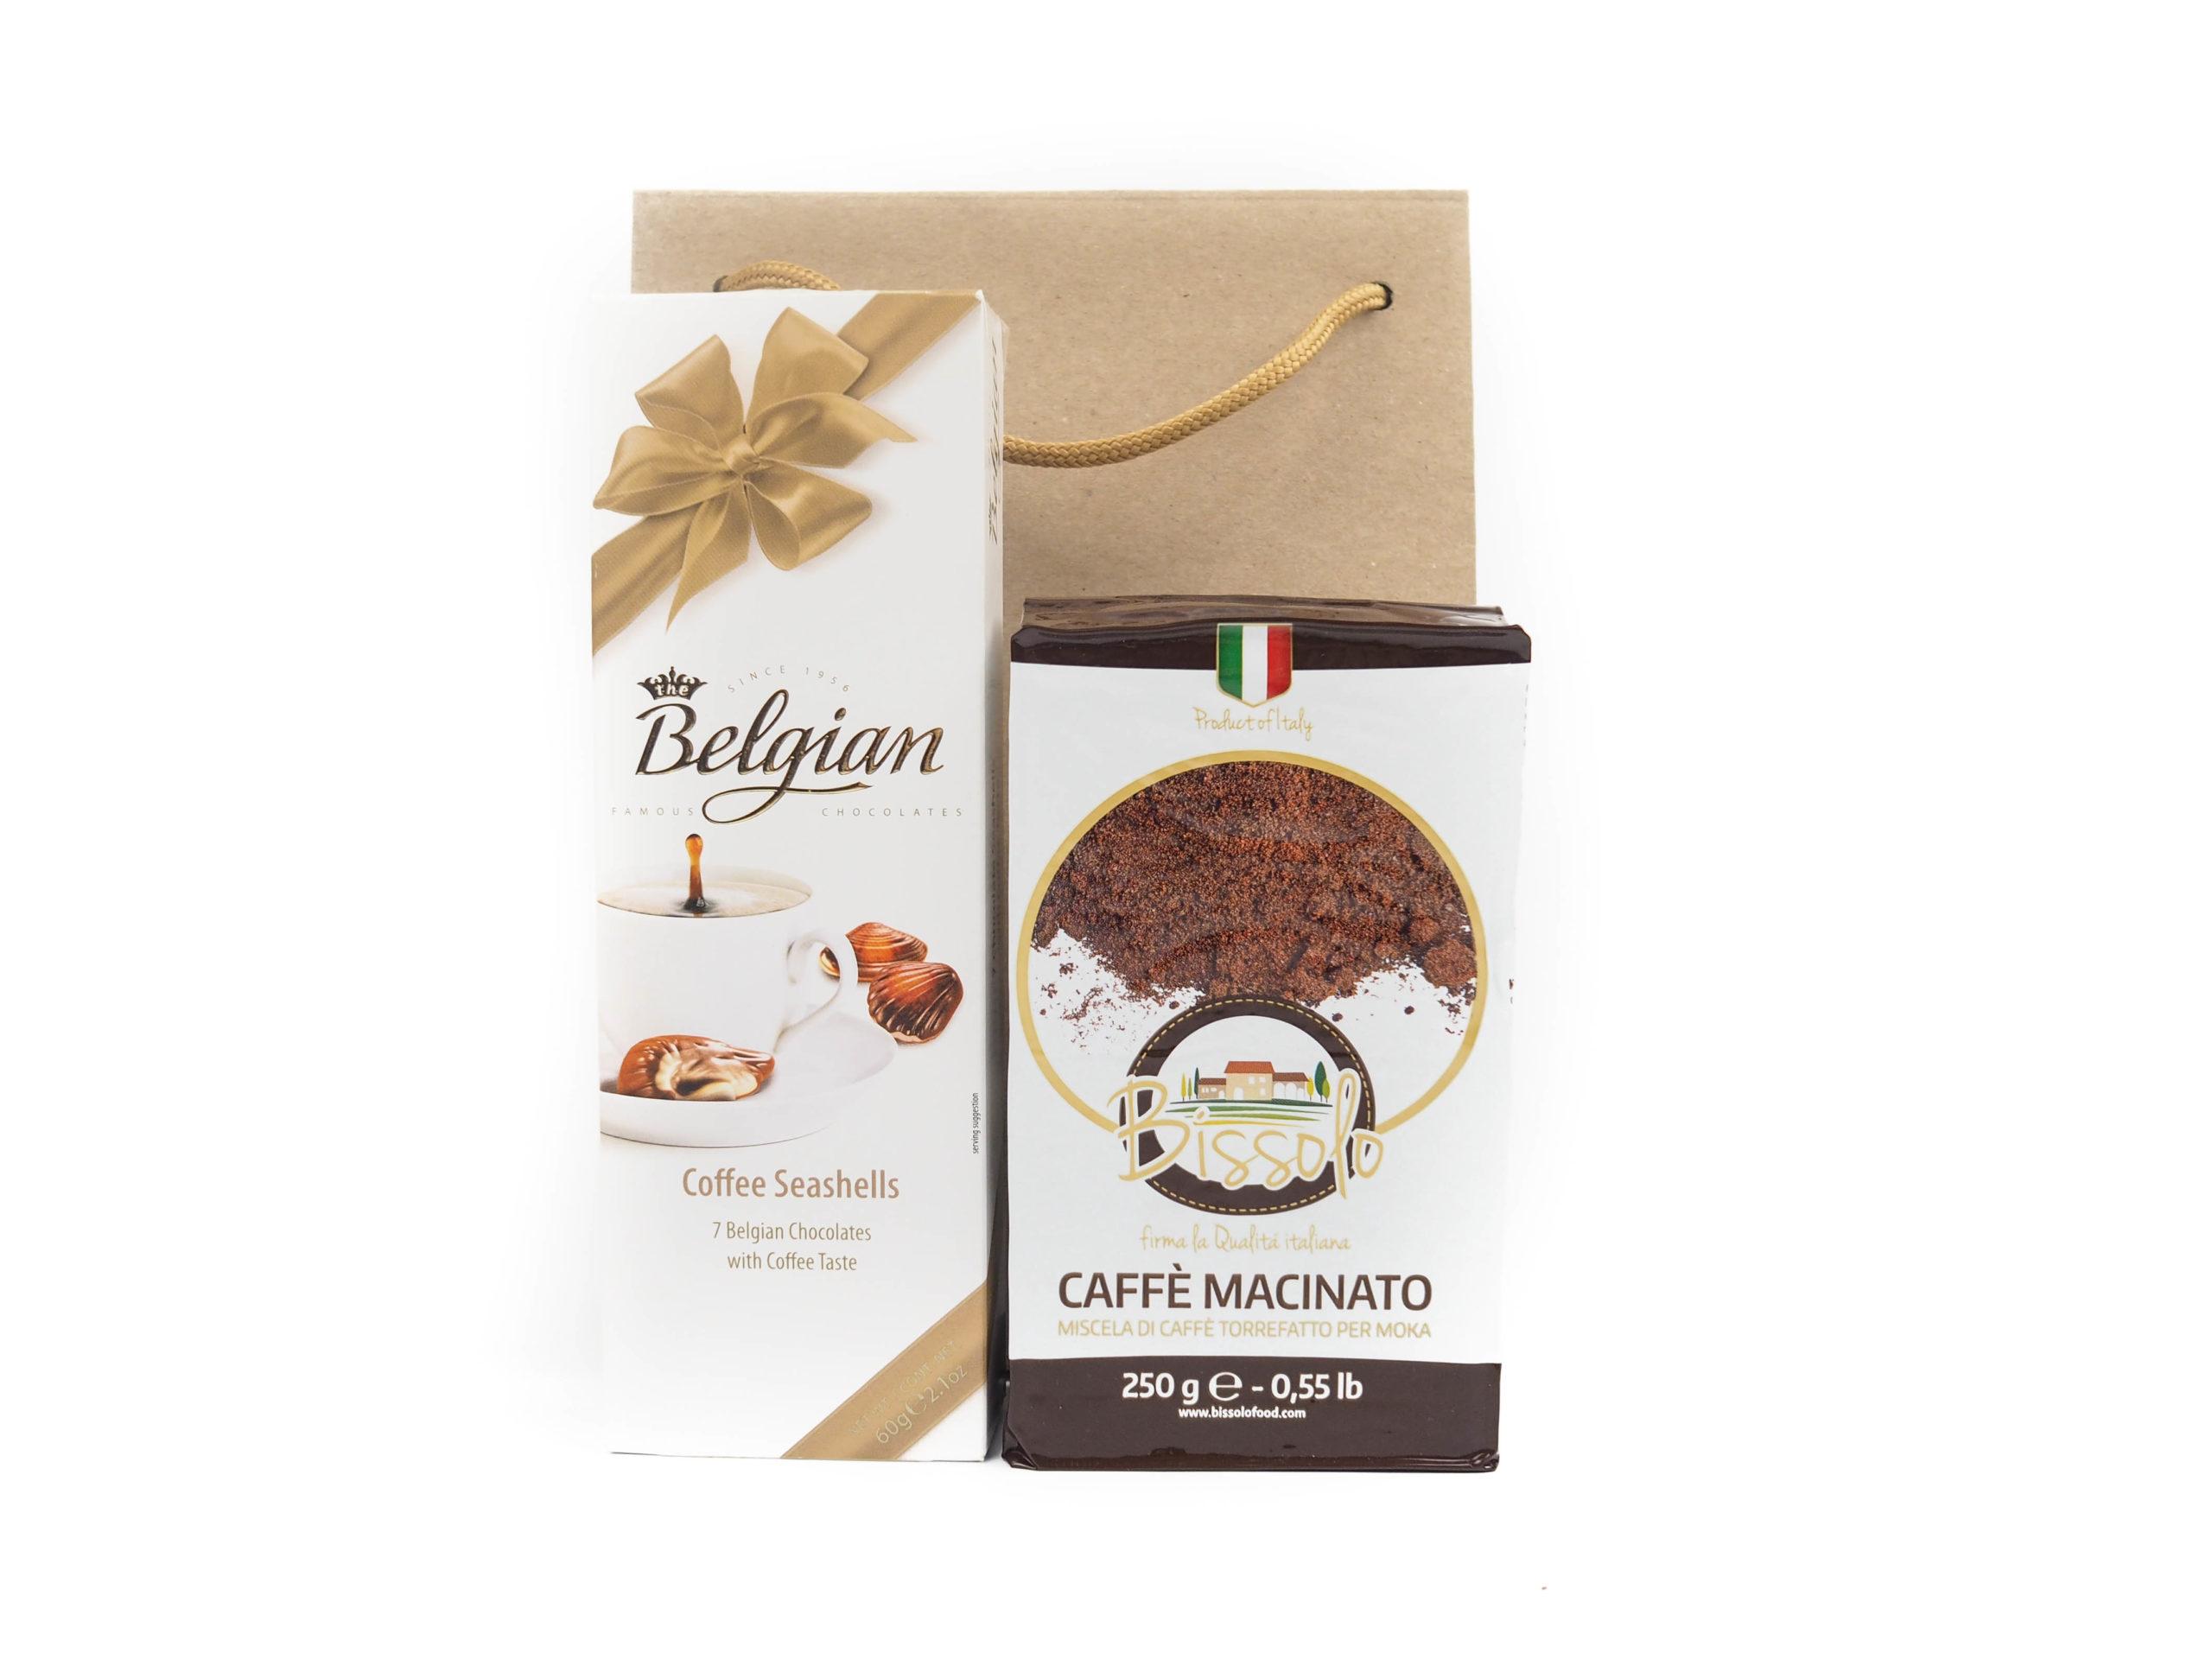 Dárková taška Bisollo Caffee